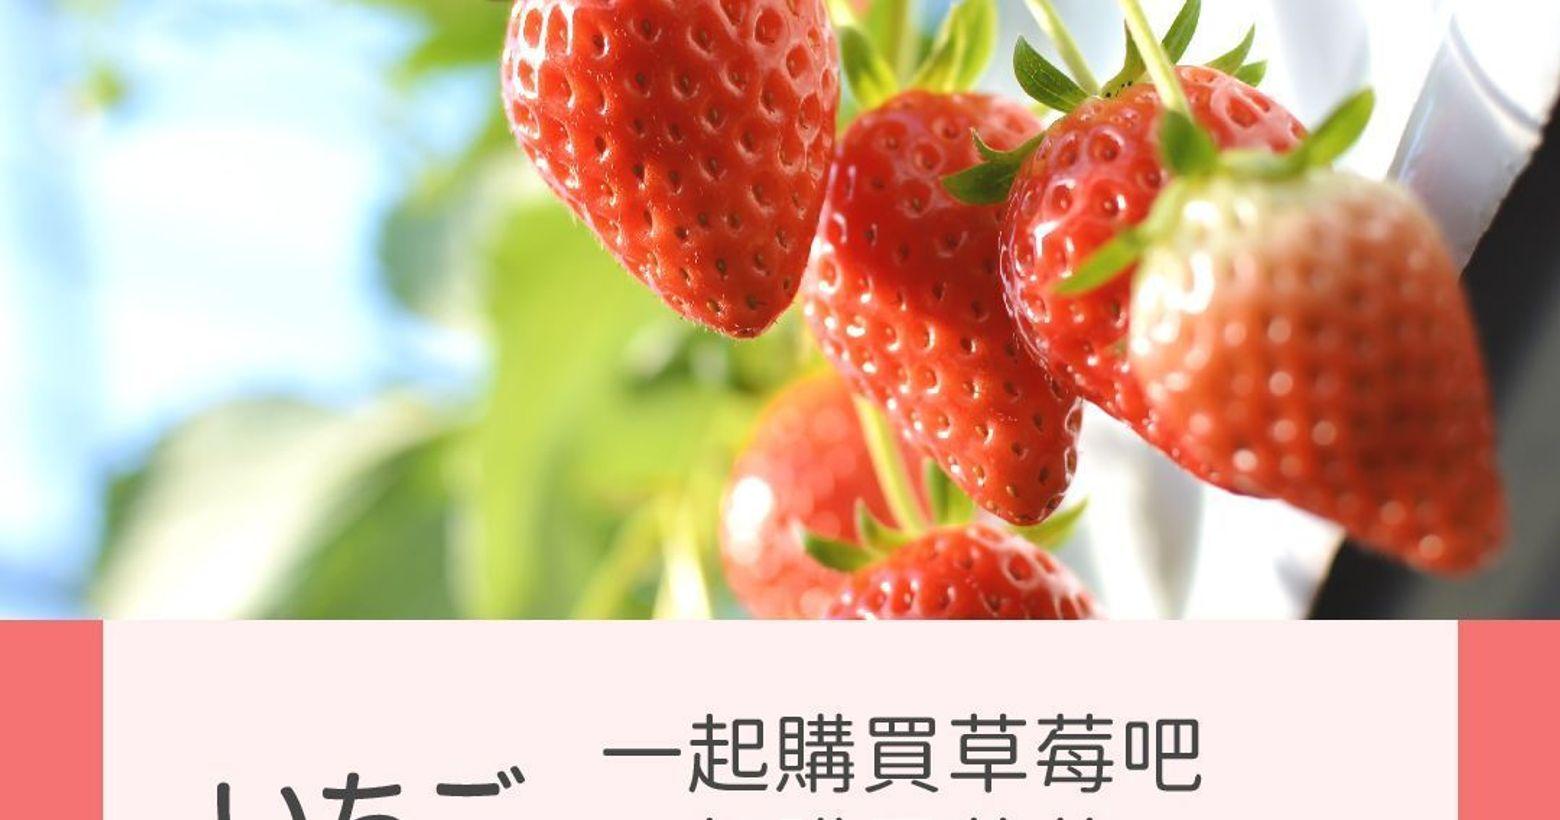 日文加減教|いちご◾️いちご:草莓◽️いちご狩り(いちごかり):採草莓草莓季到了😍一起